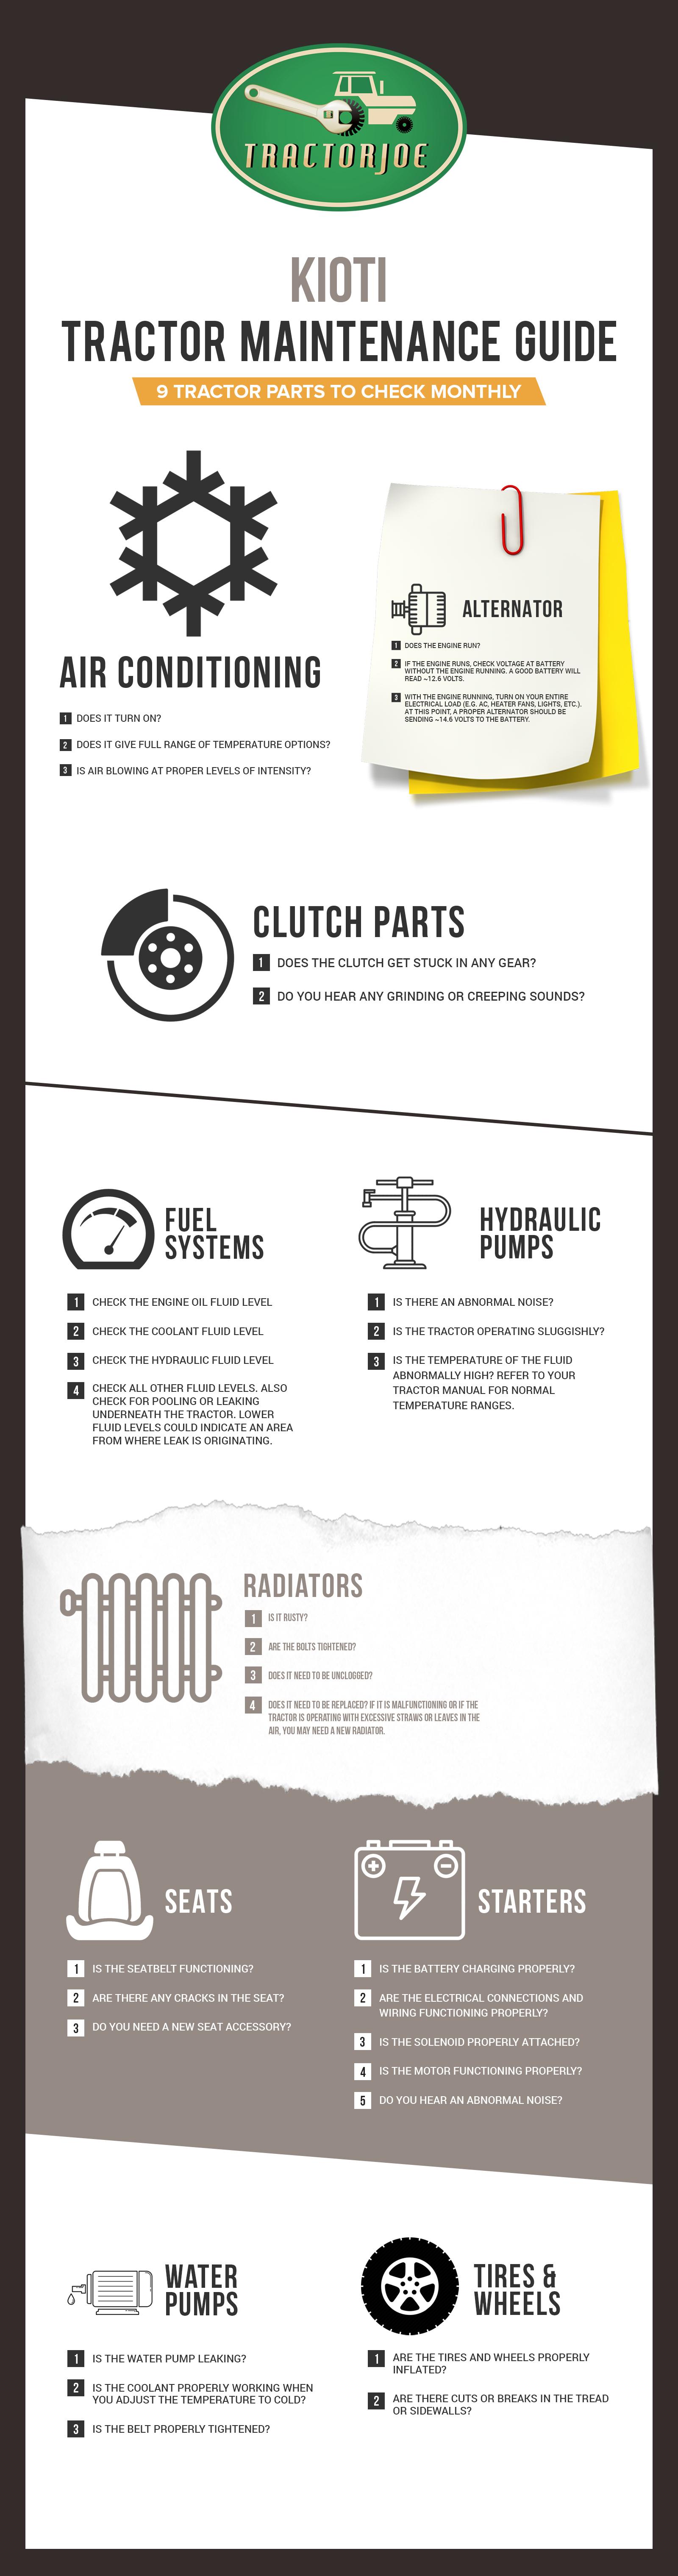 Kioti Ck27 Manual Auto Electrical Wiring Diagram Dgaa077bdta Evcon Thermostat 31 Images